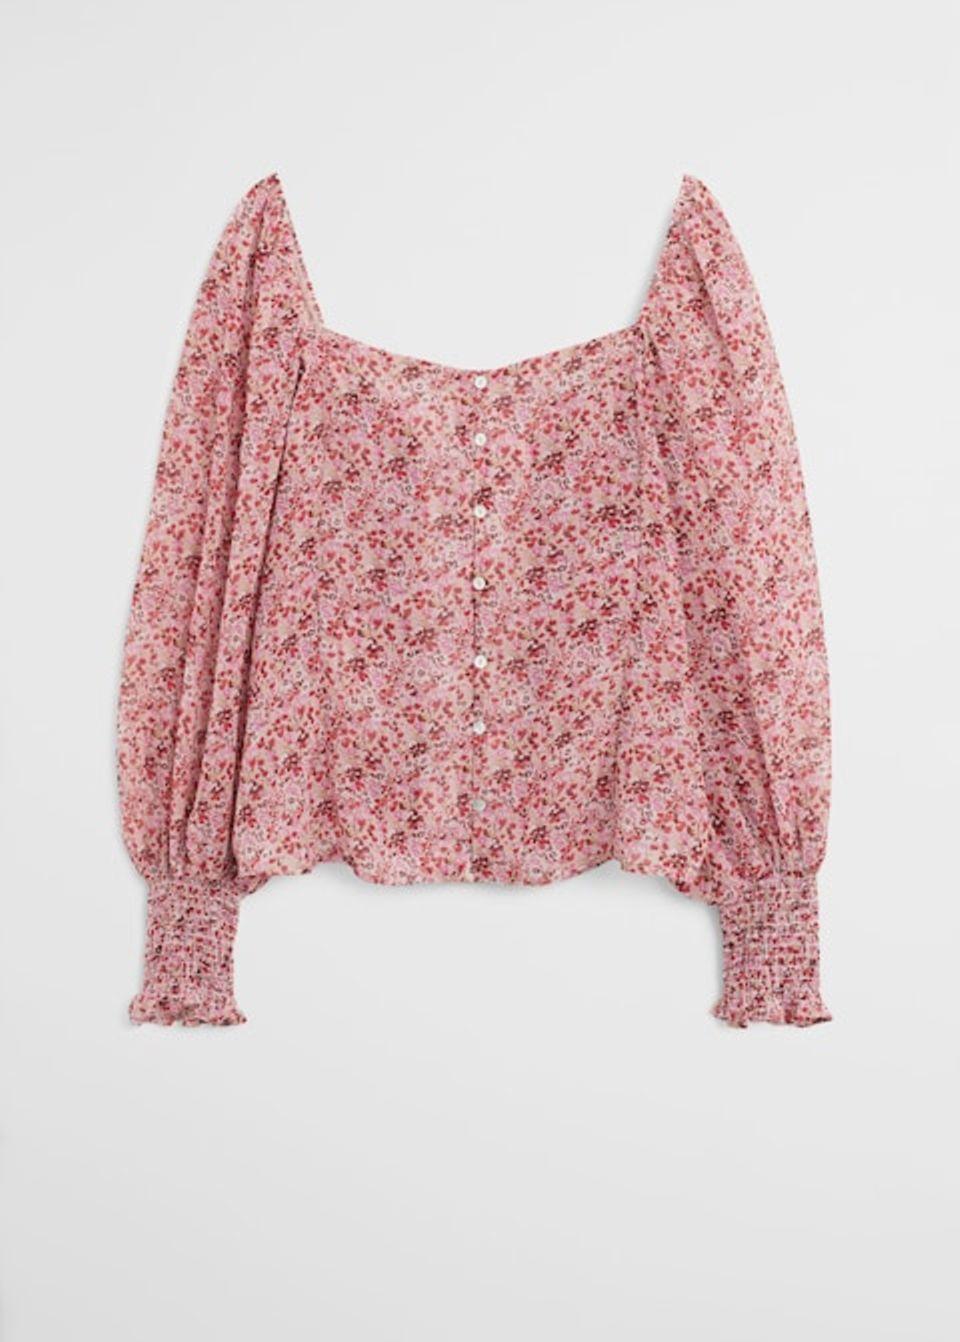 Fleißende Bluse mit Mille-Fleurs-Print, Knopfleiste und Off-Shoulder-Ausschnitt. Von Violeta by Mango, um 50 Euro.